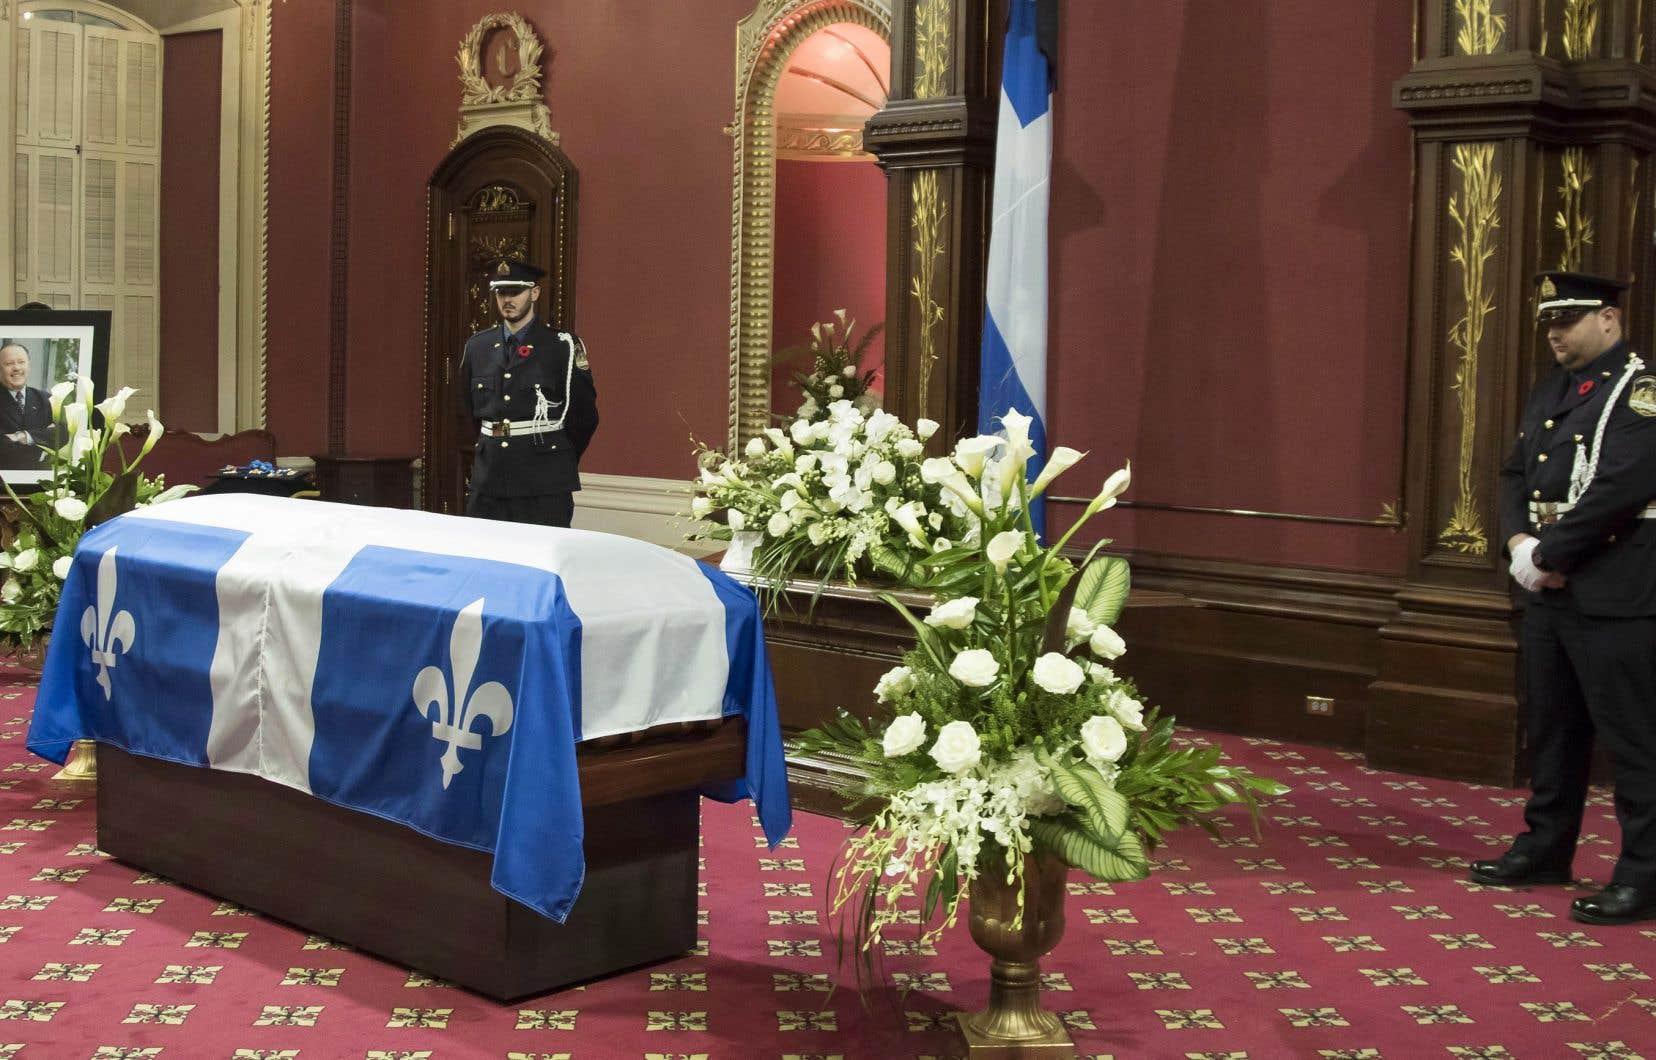 La dépouille de l'ancien premier ministre Bernard Landry est exposée en chapelle ardente, samedi, au salon rouge de l'Assemblée nationale à Québec.